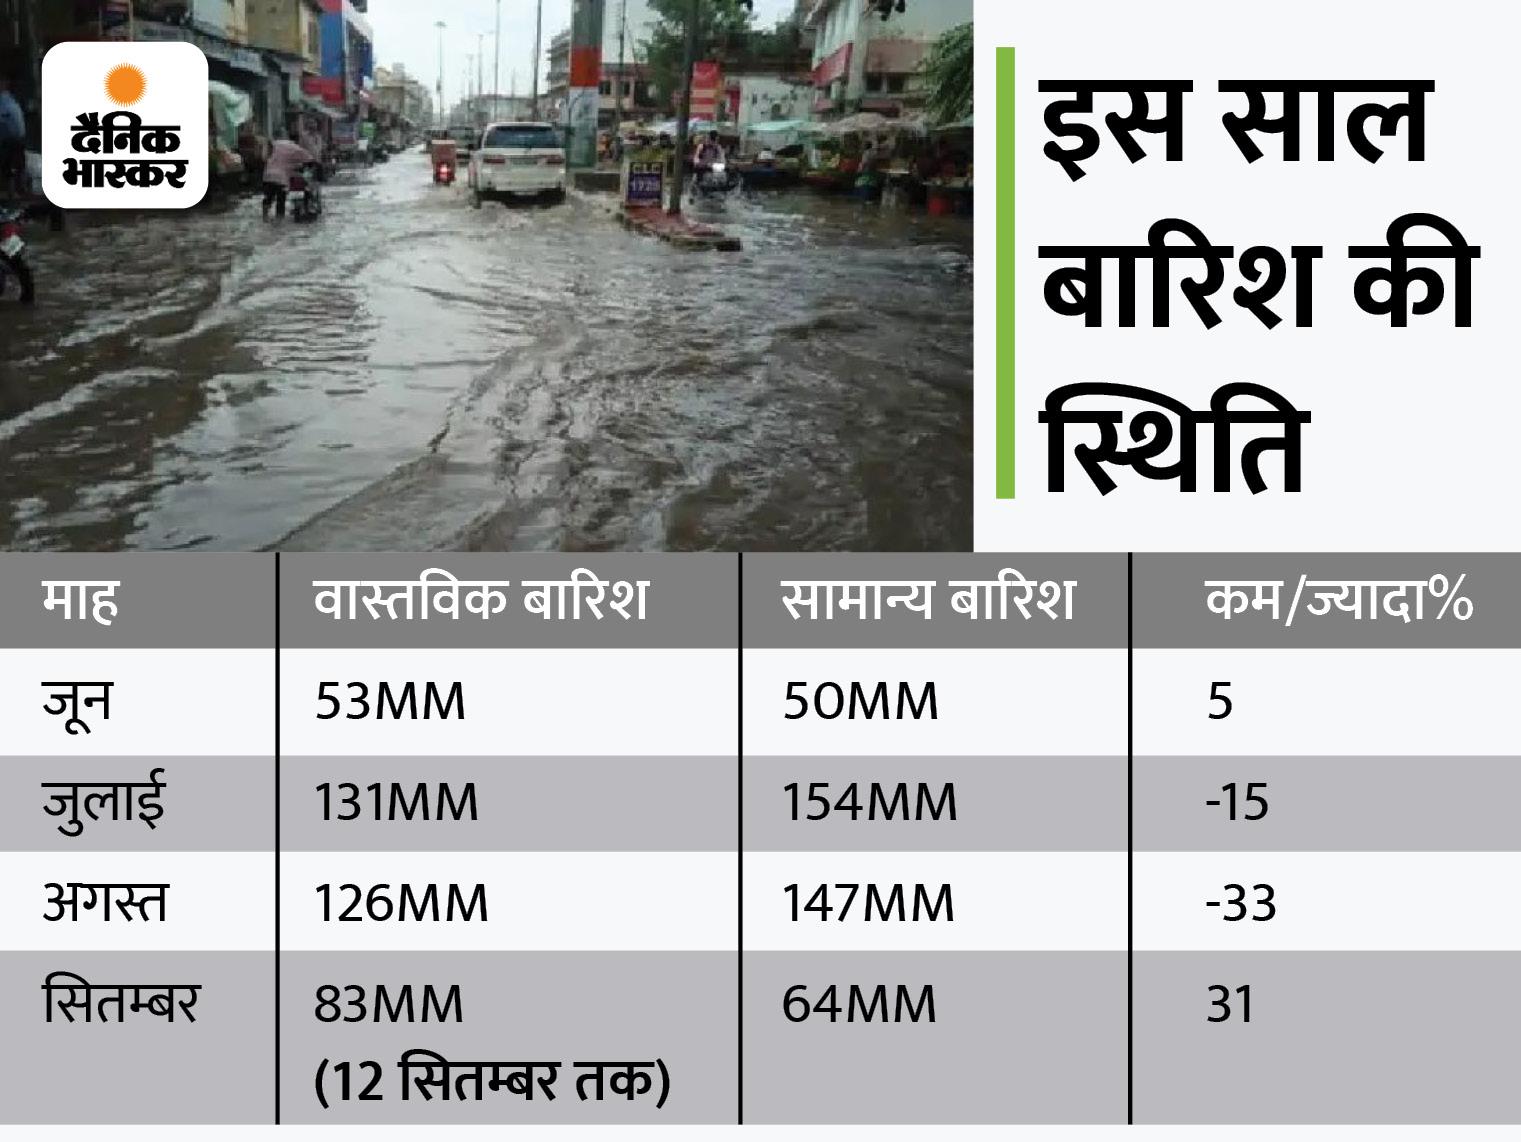 जुलाई-अगस्त ने बेहाल किया, सितम्बर में इतनी बारिश कि सूखे पड़े 10 बांधों में आया पानी; अभी 3 से 4 सप्ताह और बाकी|राजस्थान,Rajasthan - Dainik Bhaskar